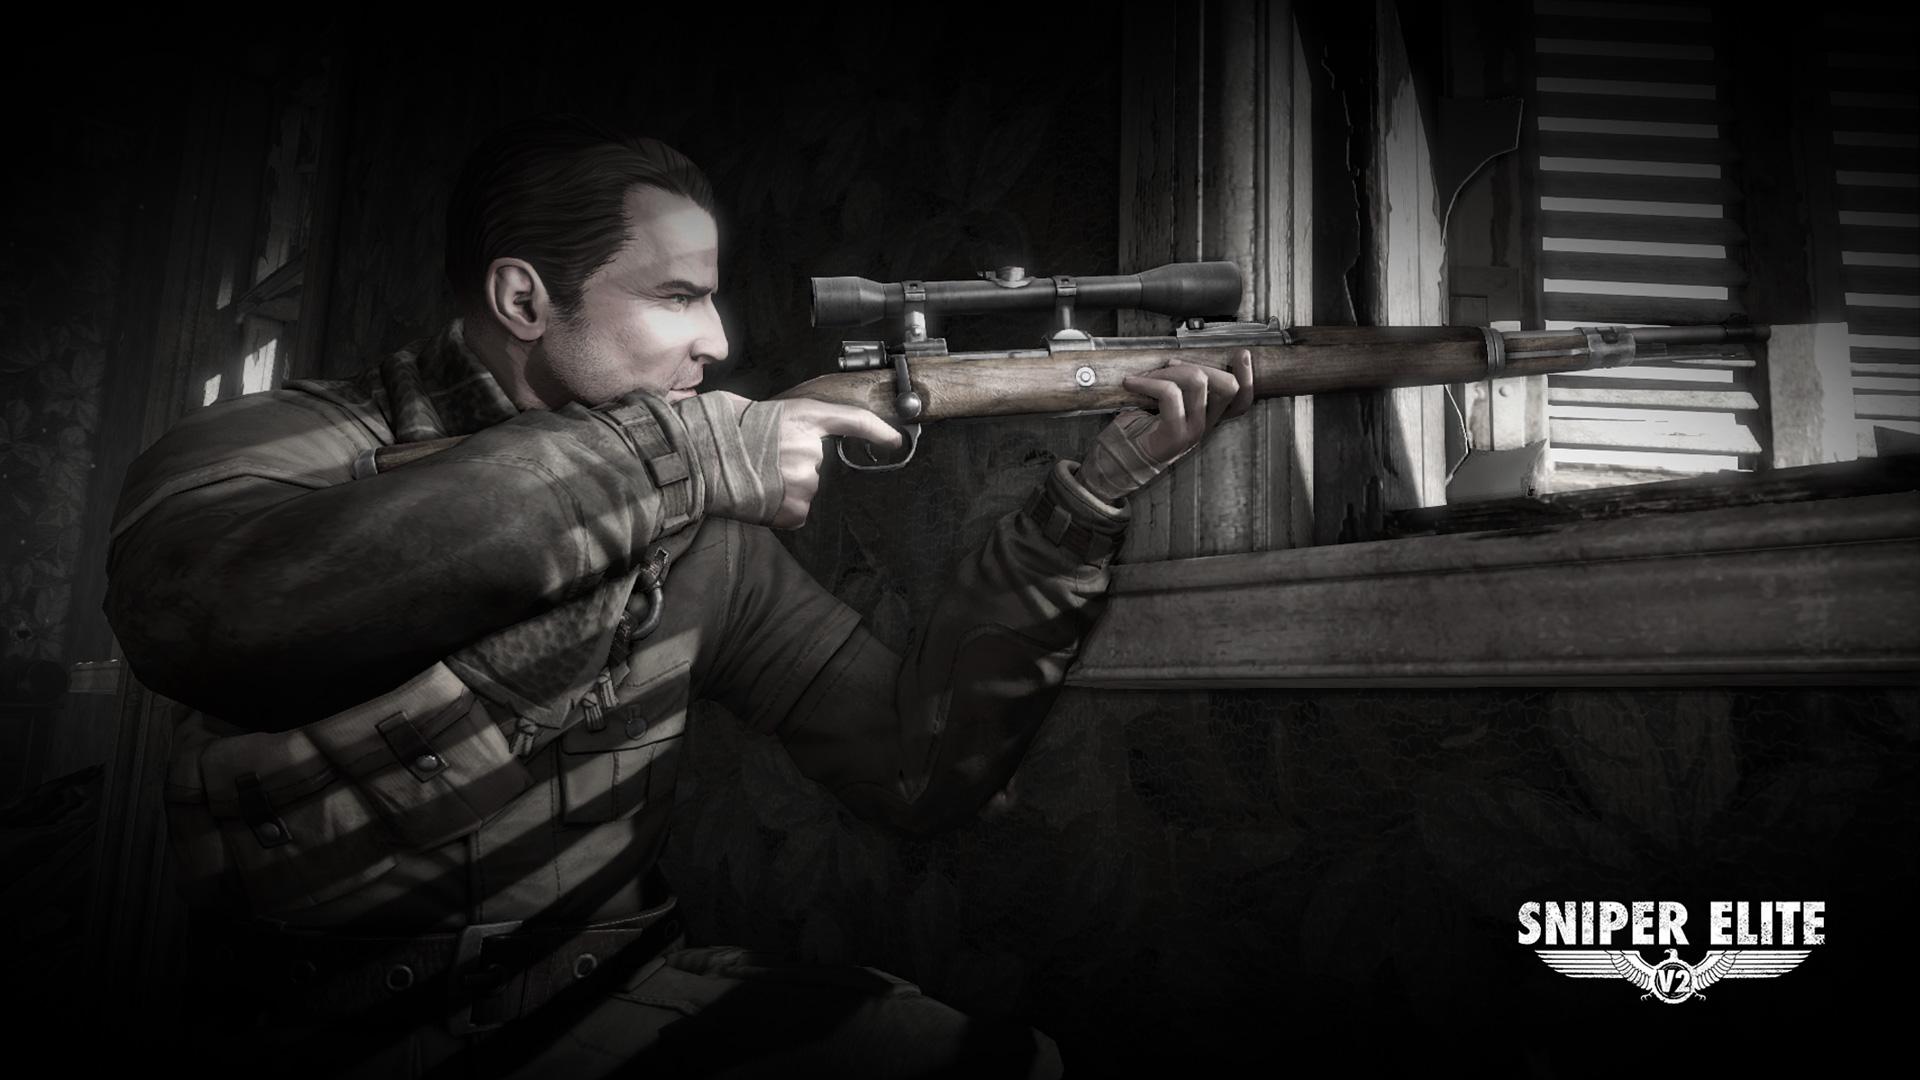 Free Sniper Elite V2 Wallpaper in 1920x1080